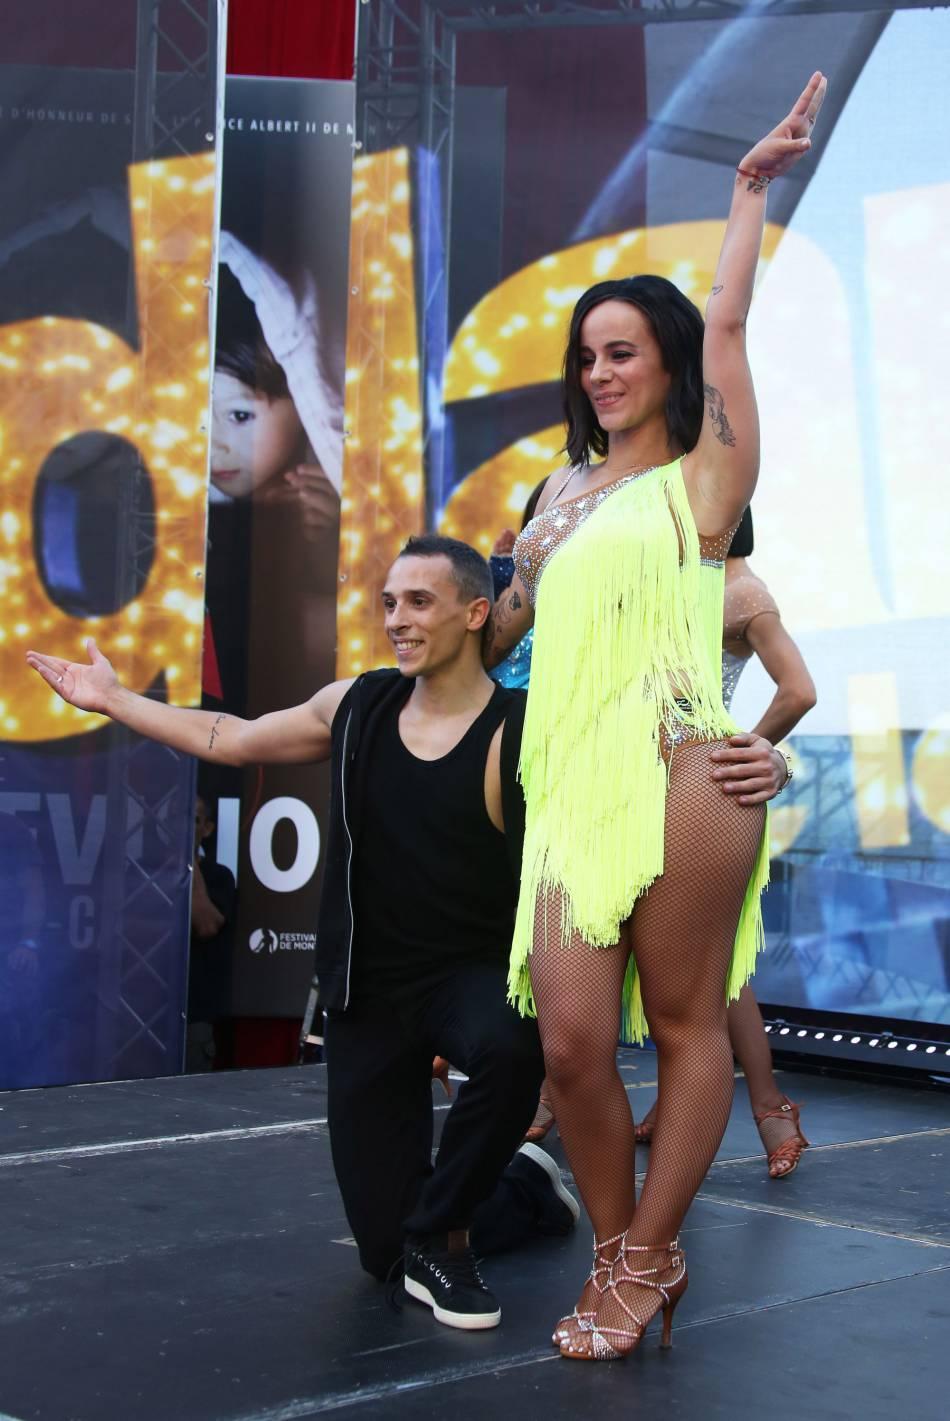 Alizée et Grégoire Lyonnet, un couple à la ville comme sur scène.